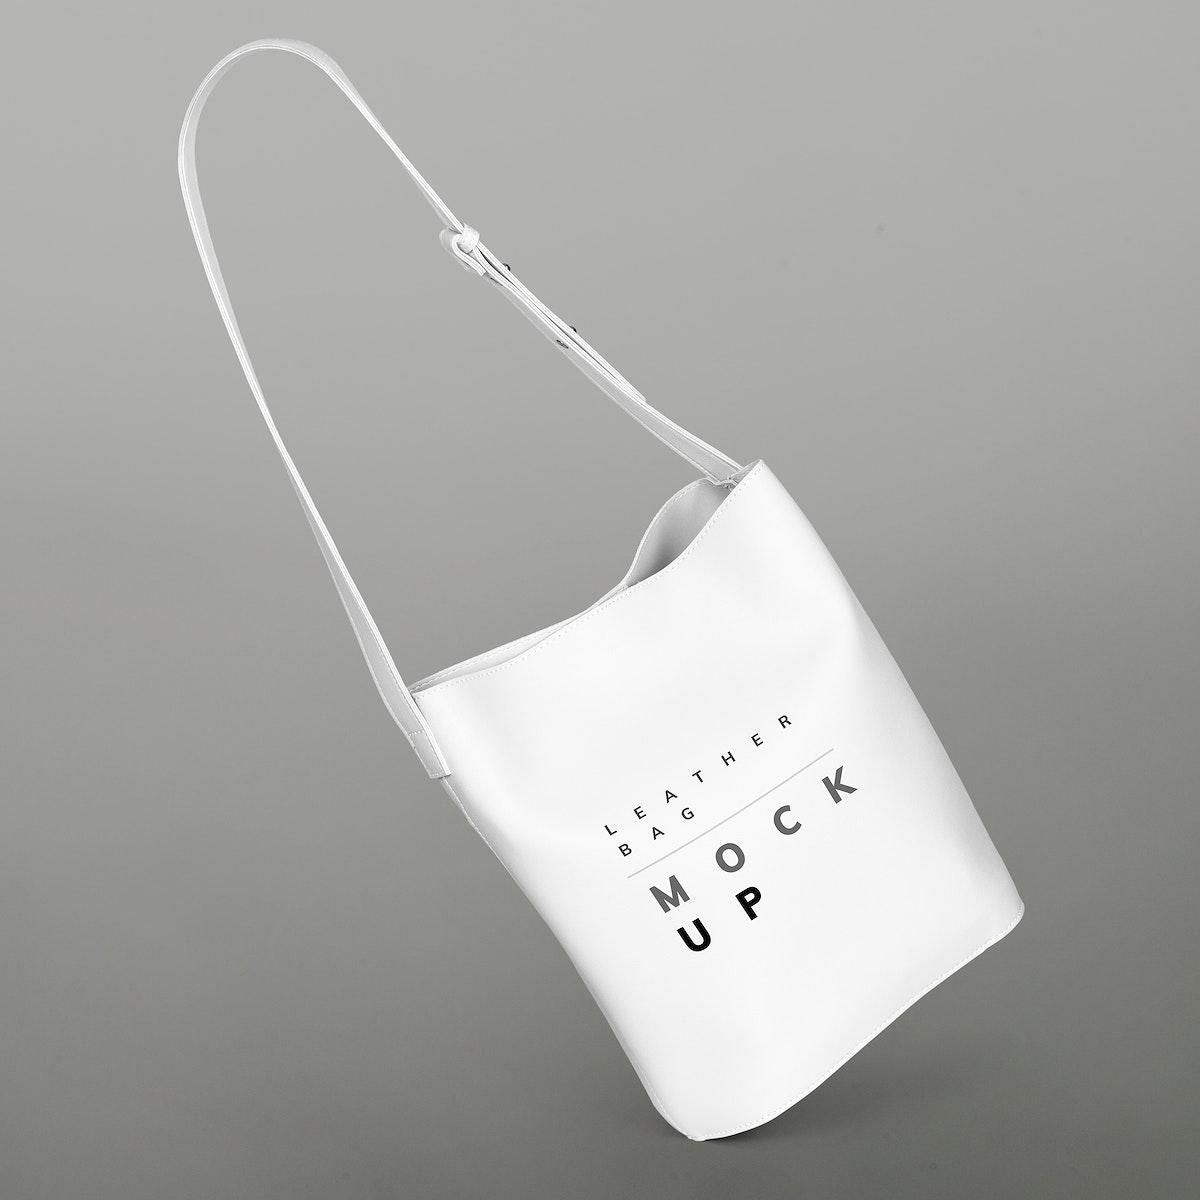 White shoulder bag mockup on a gray background